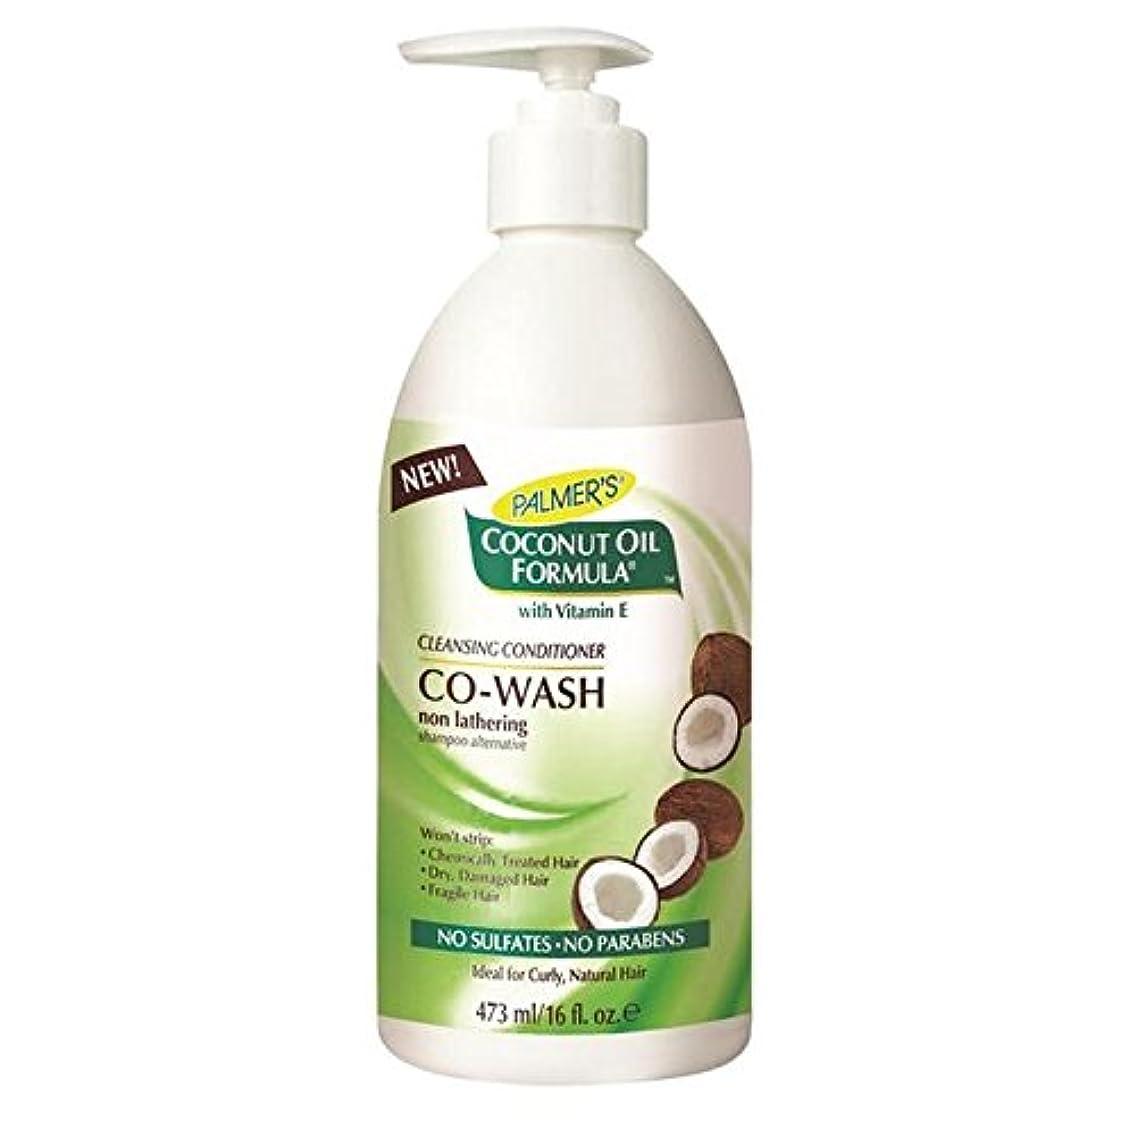 ミケランジェロ永久に出口Palmer's Coconut Formula Co-Wash Cleansing Conditioner, Shampoo Alternative 473ml (Pack of 6) - パーマーのココナッツ式コウォッシュクレンジングコンディショナー...